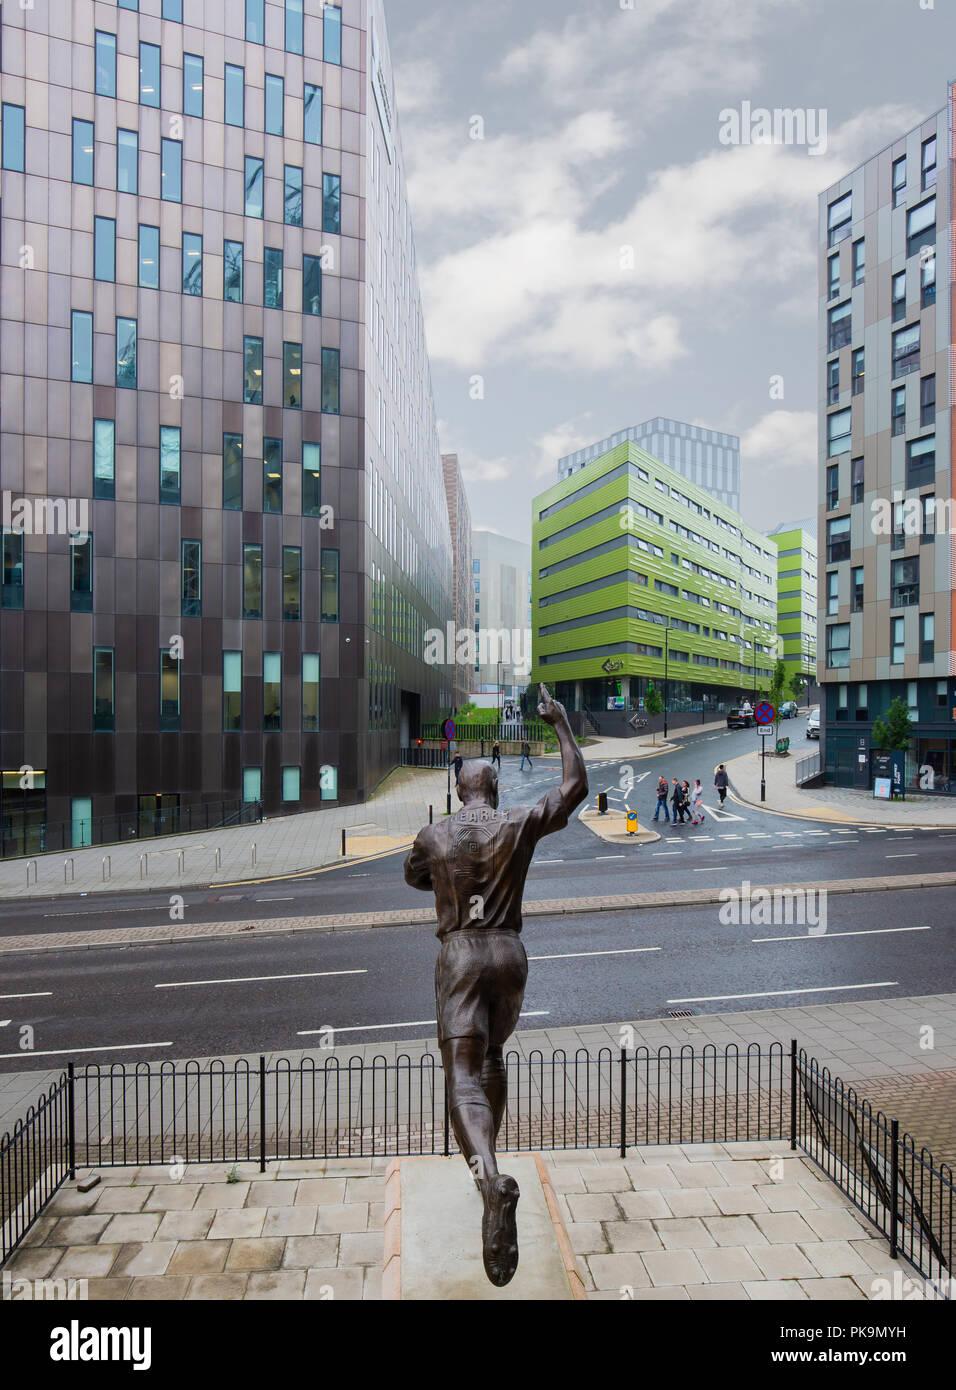 Statue von Alan Shearer außerhalb der St James' Park, Newcastle United Football Ground Stockbild